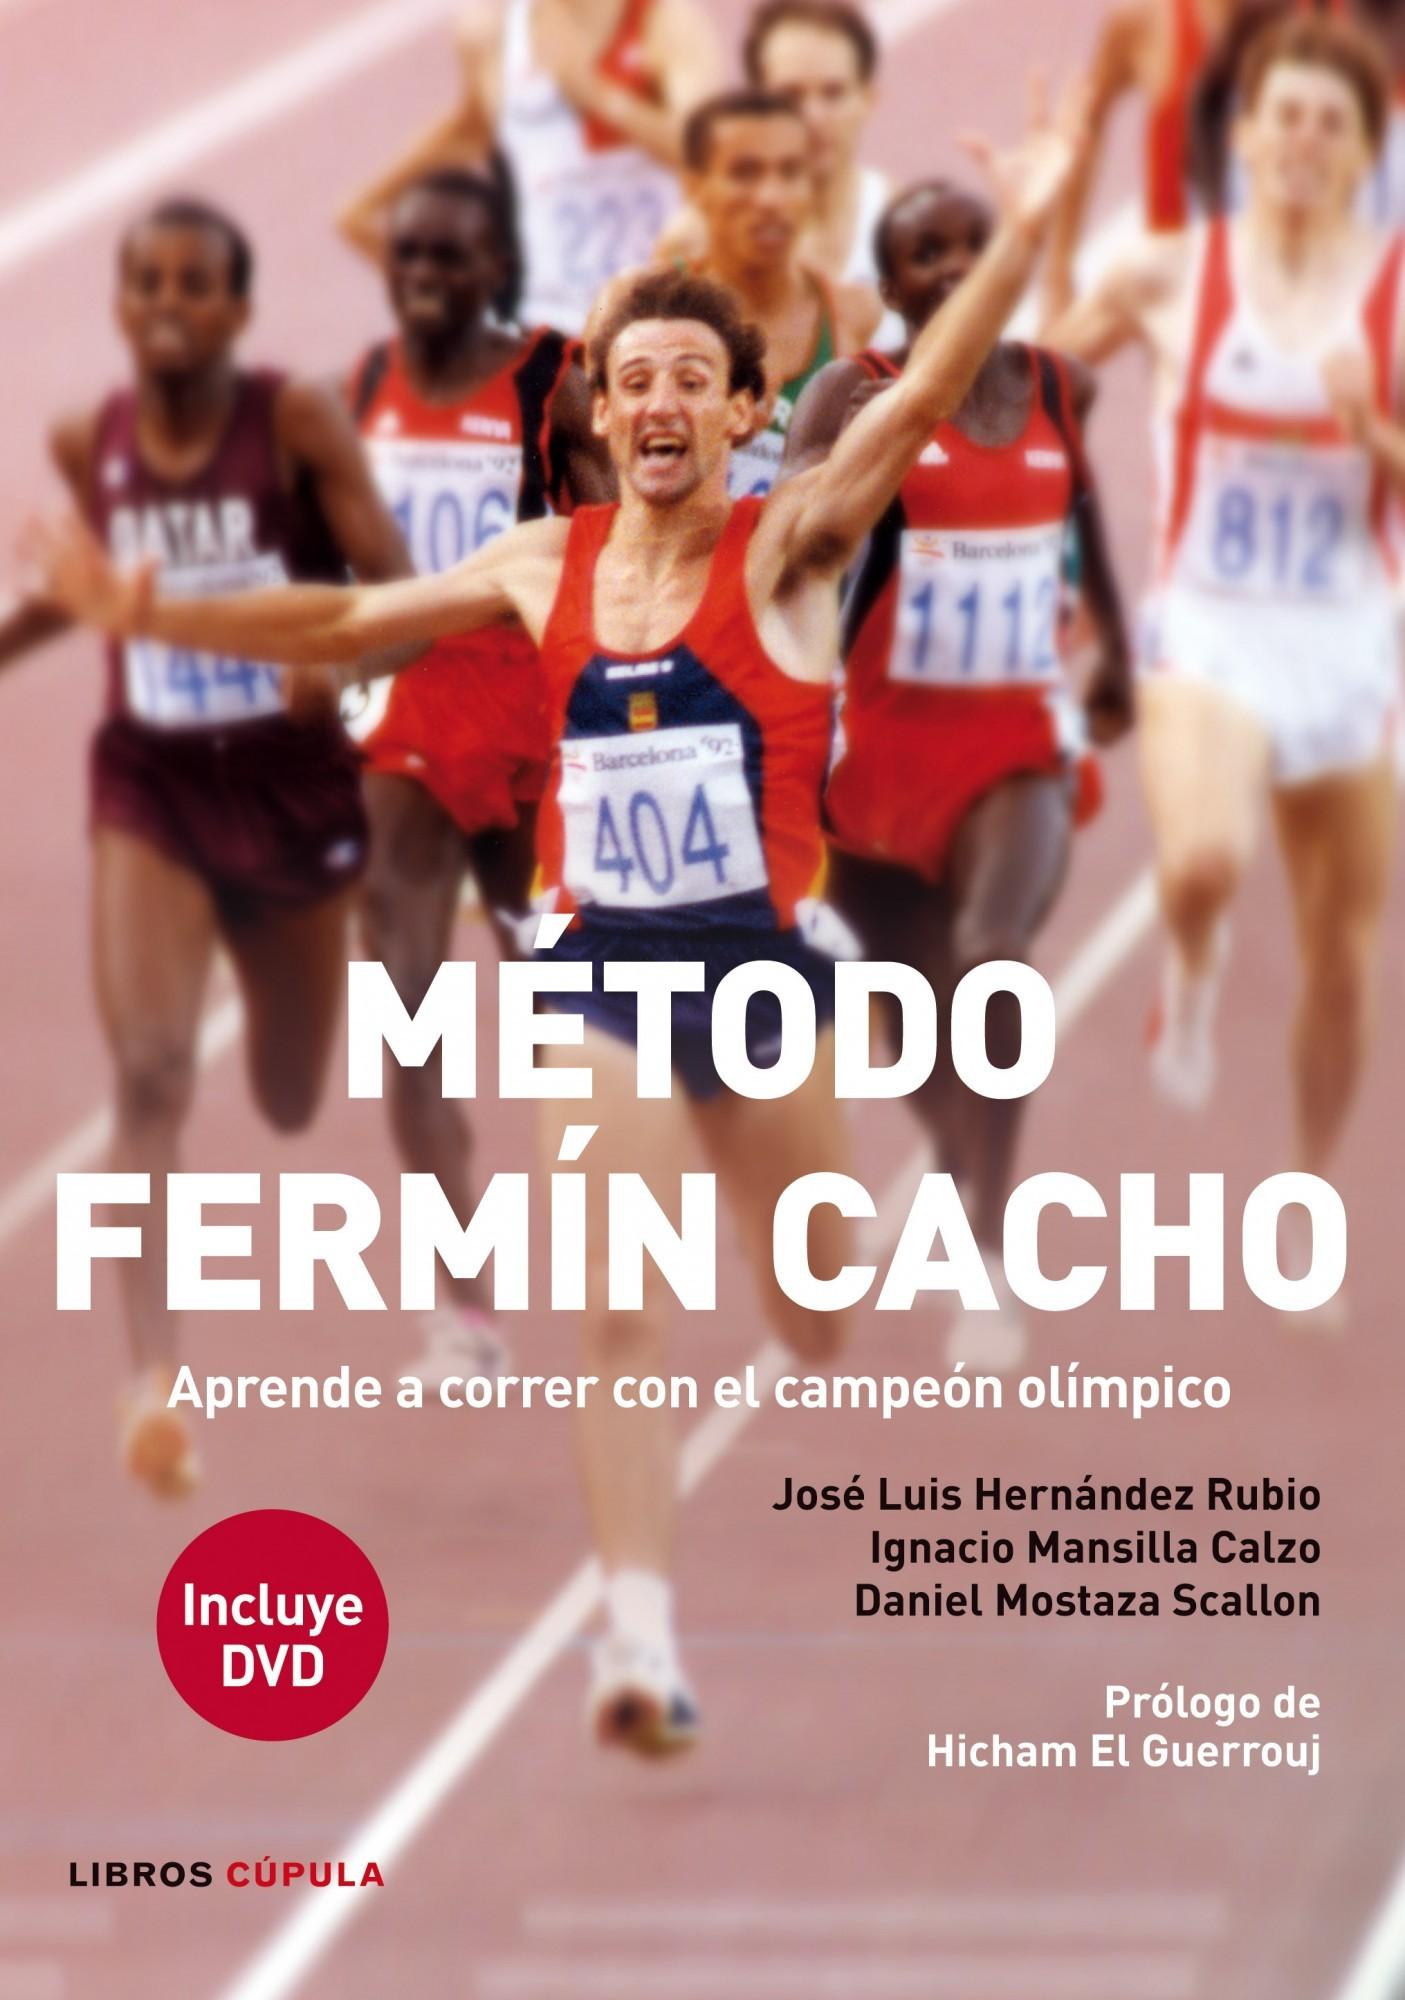 MÉTODO FERMÍN CACHO: APRENDE A CORRER CON EL CAMPEÓN OLÍMPICO